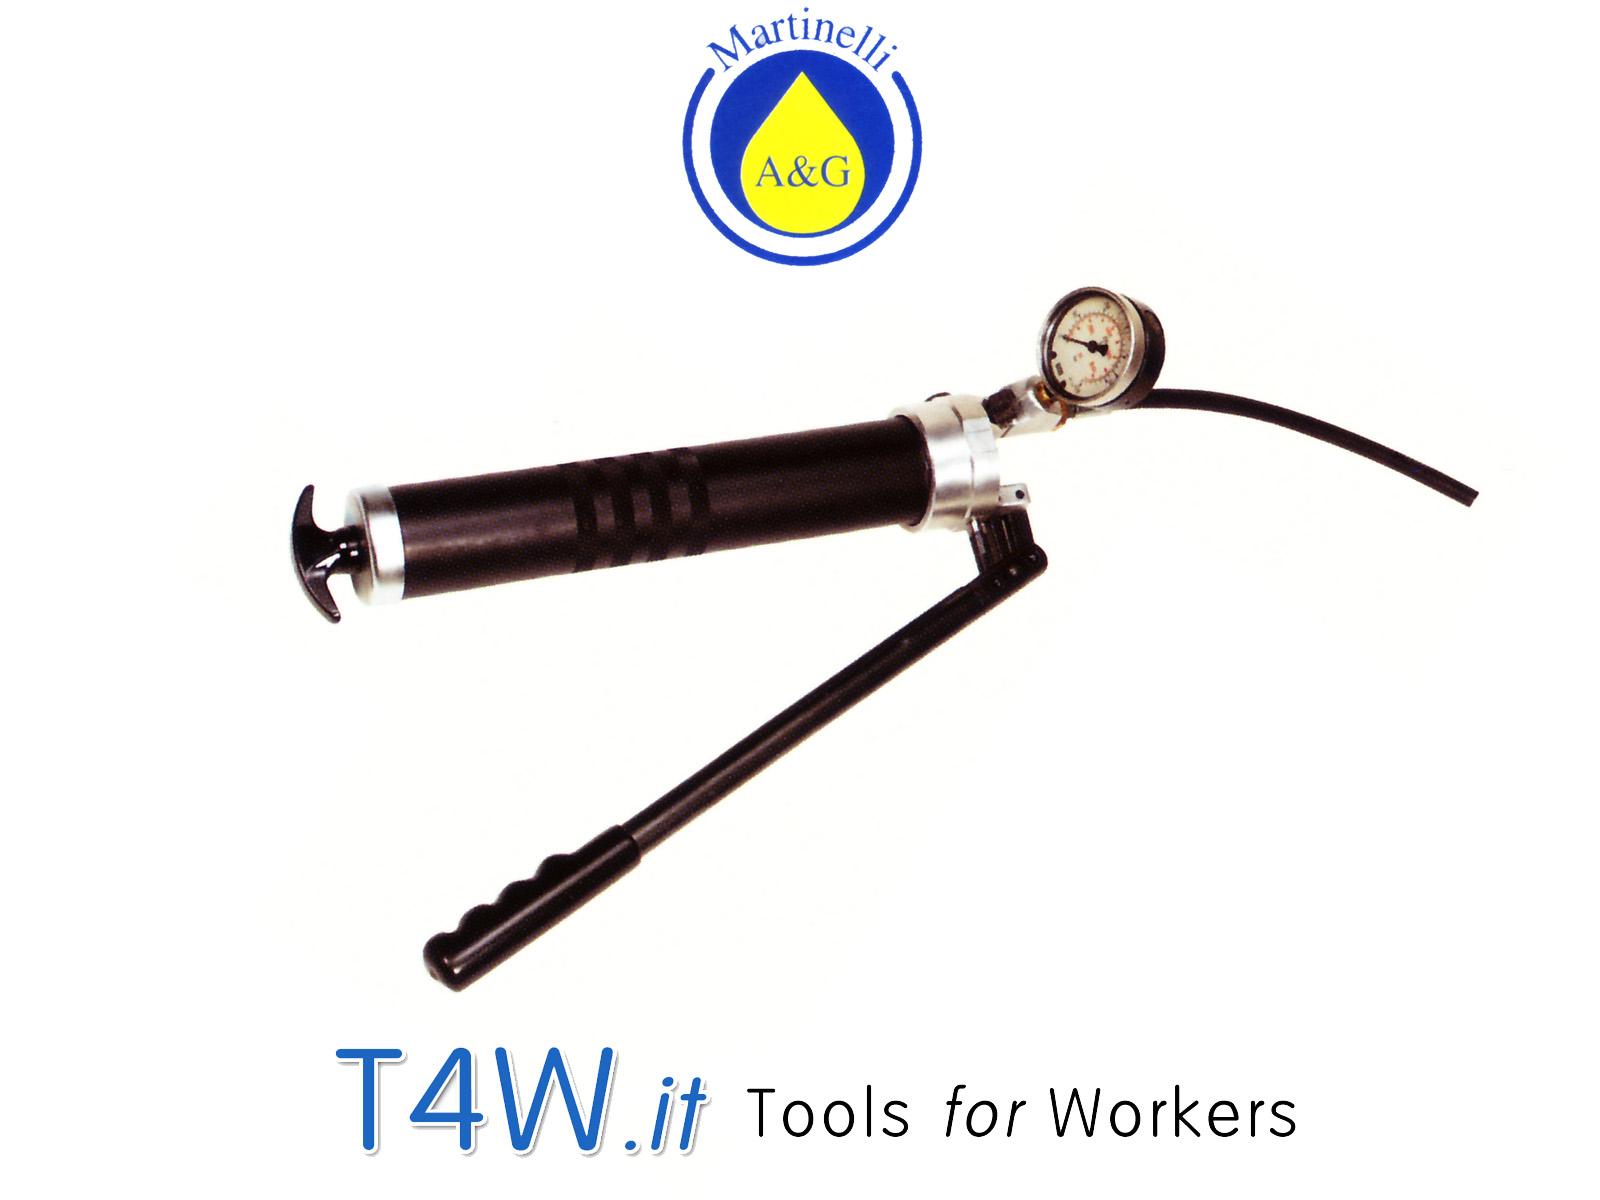 Pompa alta pressione per chiusure idrauliche Art. 3155 Martinelli -